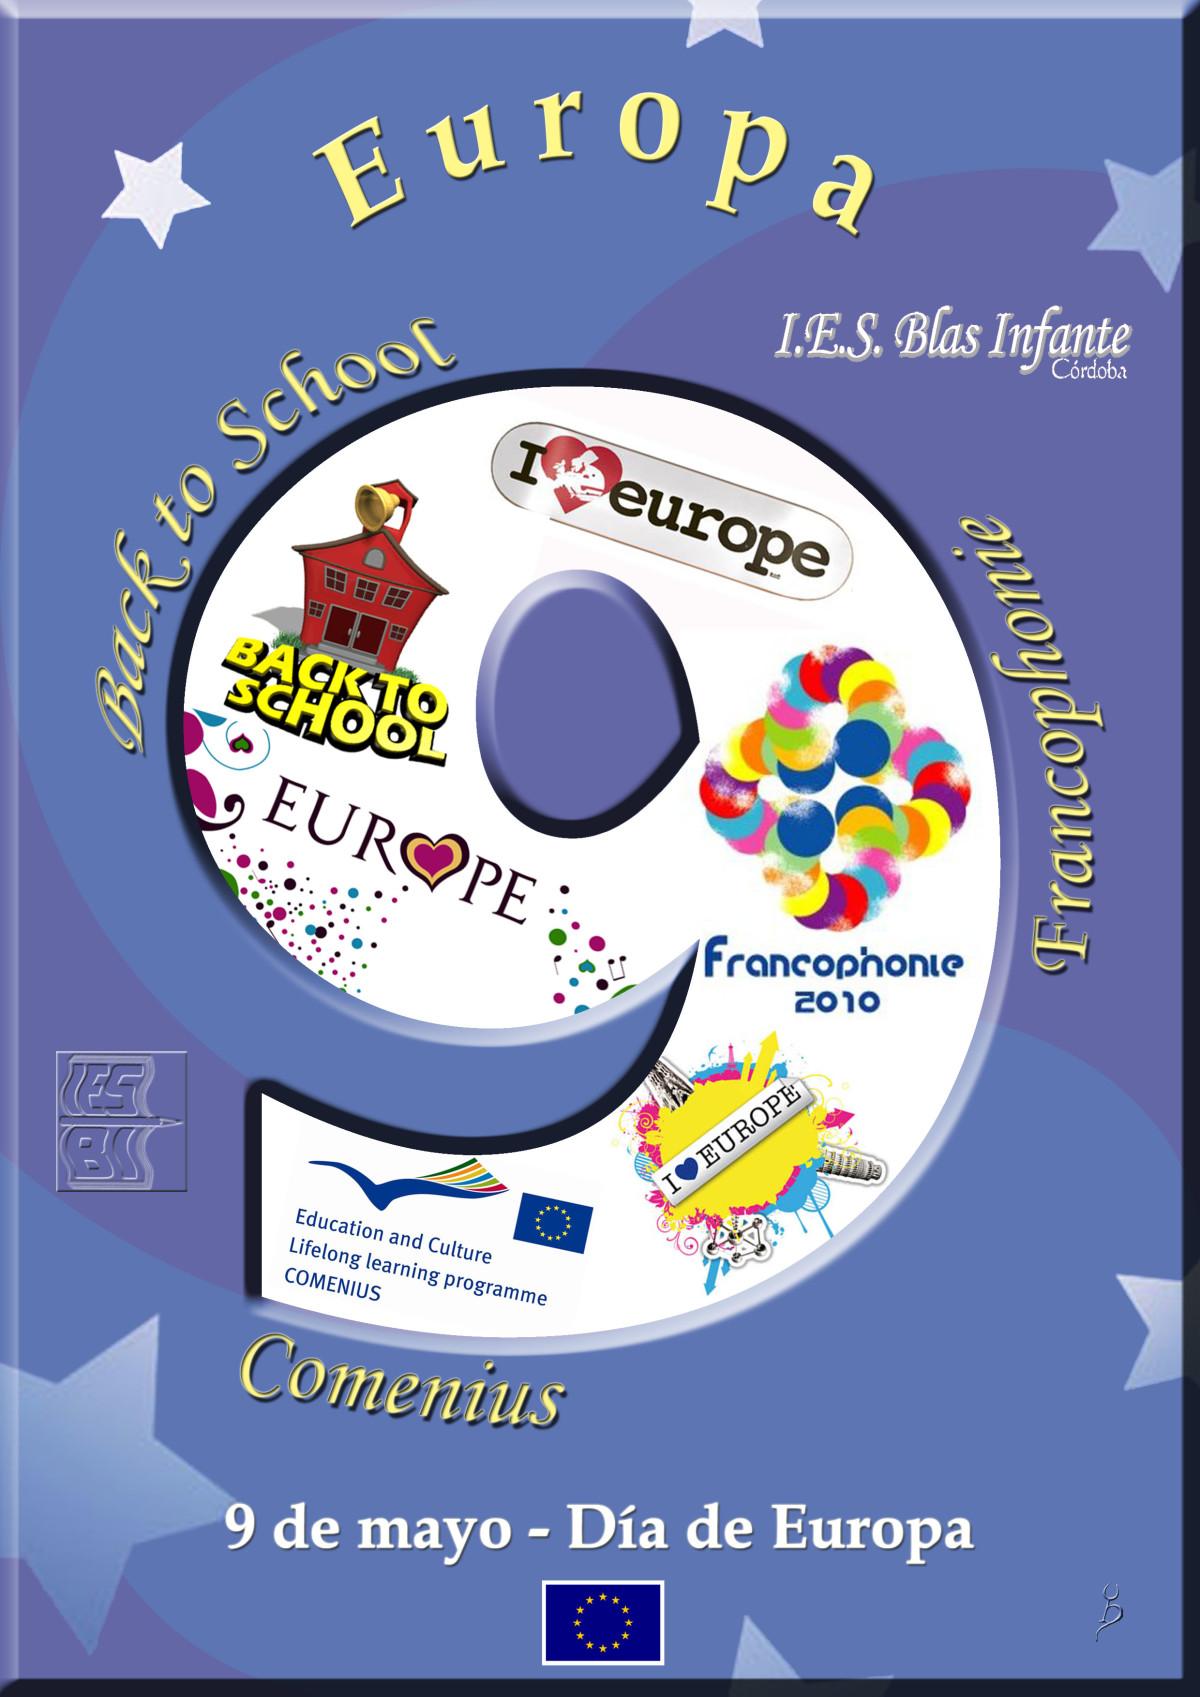 9-de-mayo-dia-de-europa-en-el-ies-blas-infante